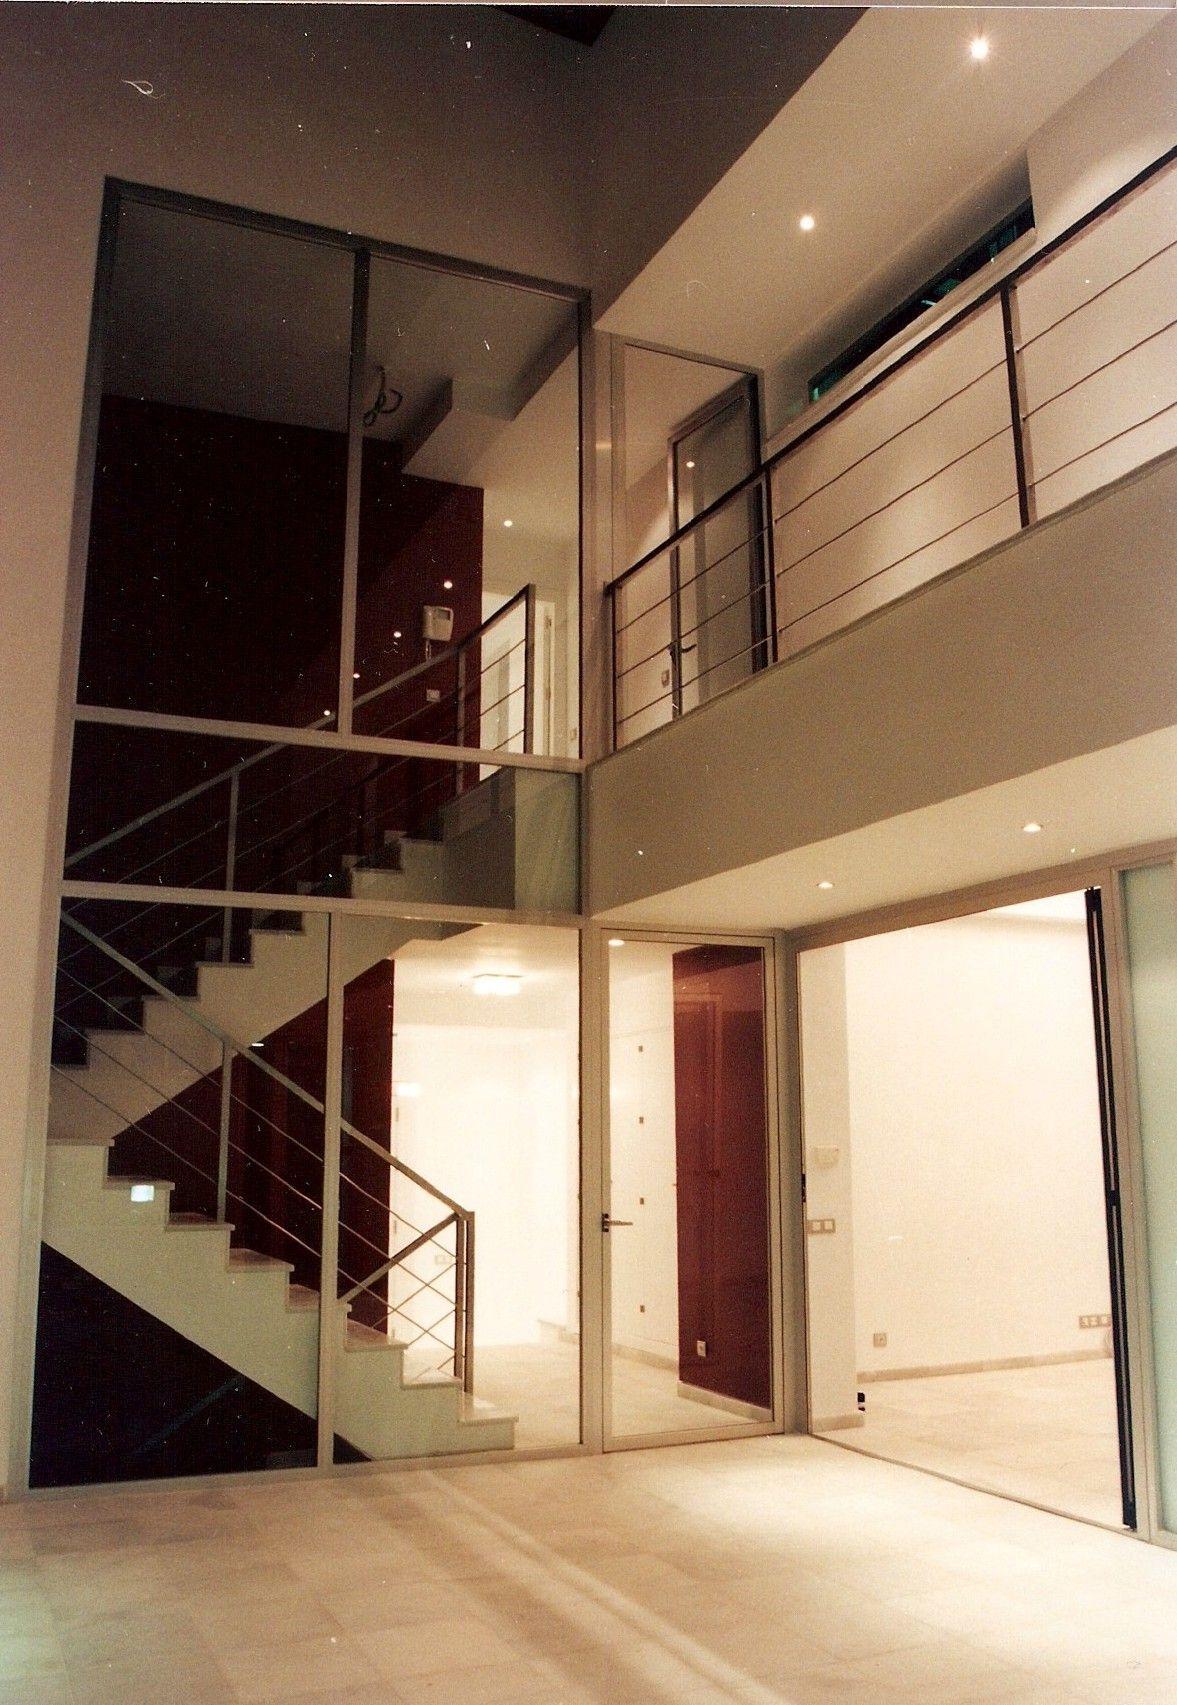 Imagen De La Escalera Interior De La Vivienda Unifamiliar